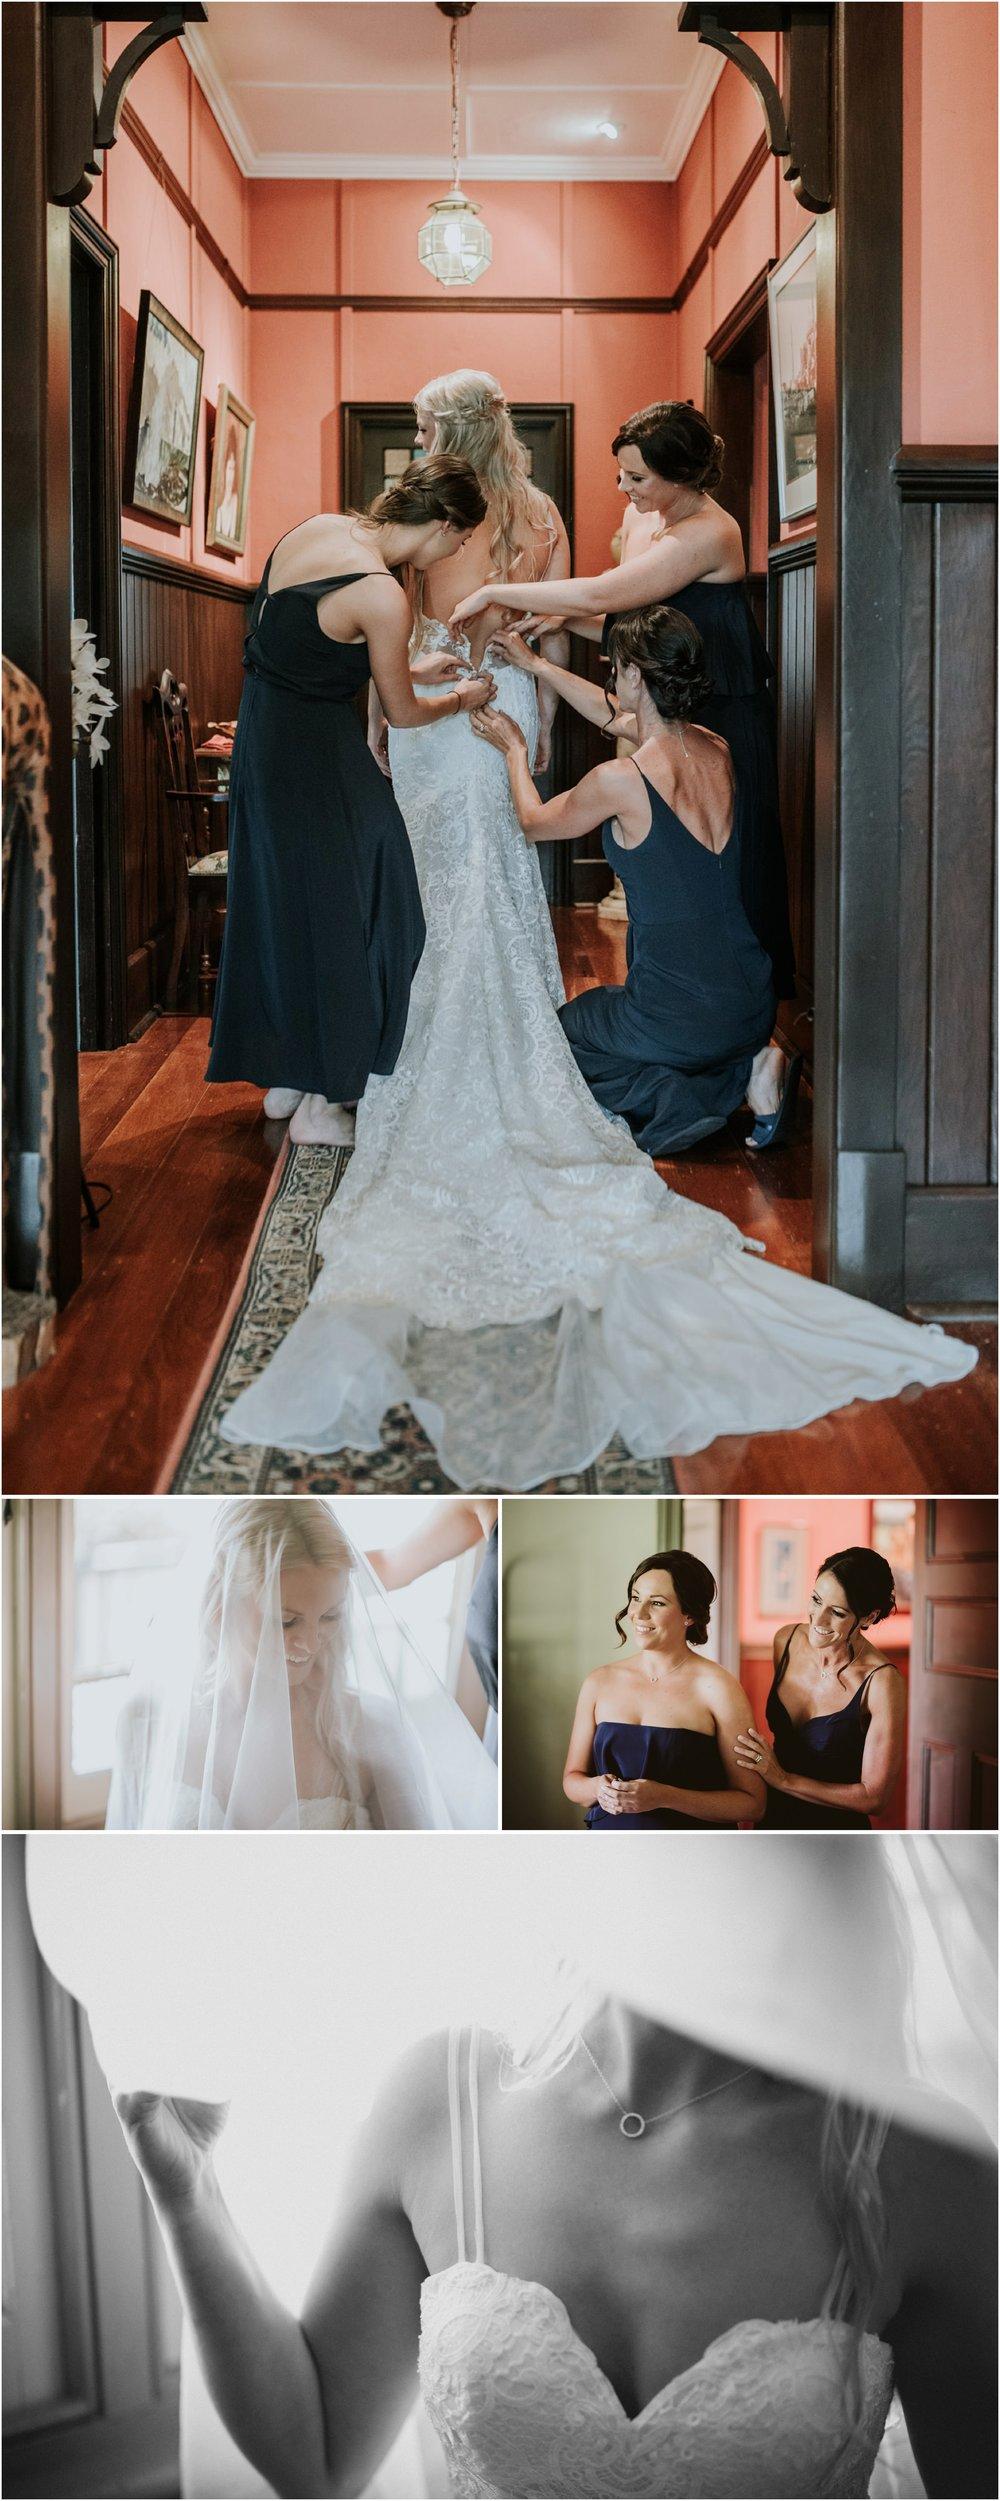 Bushbank Southern Highlands South Coast Wedding Jack Gilchrist Photography Sydney_0296.jpg